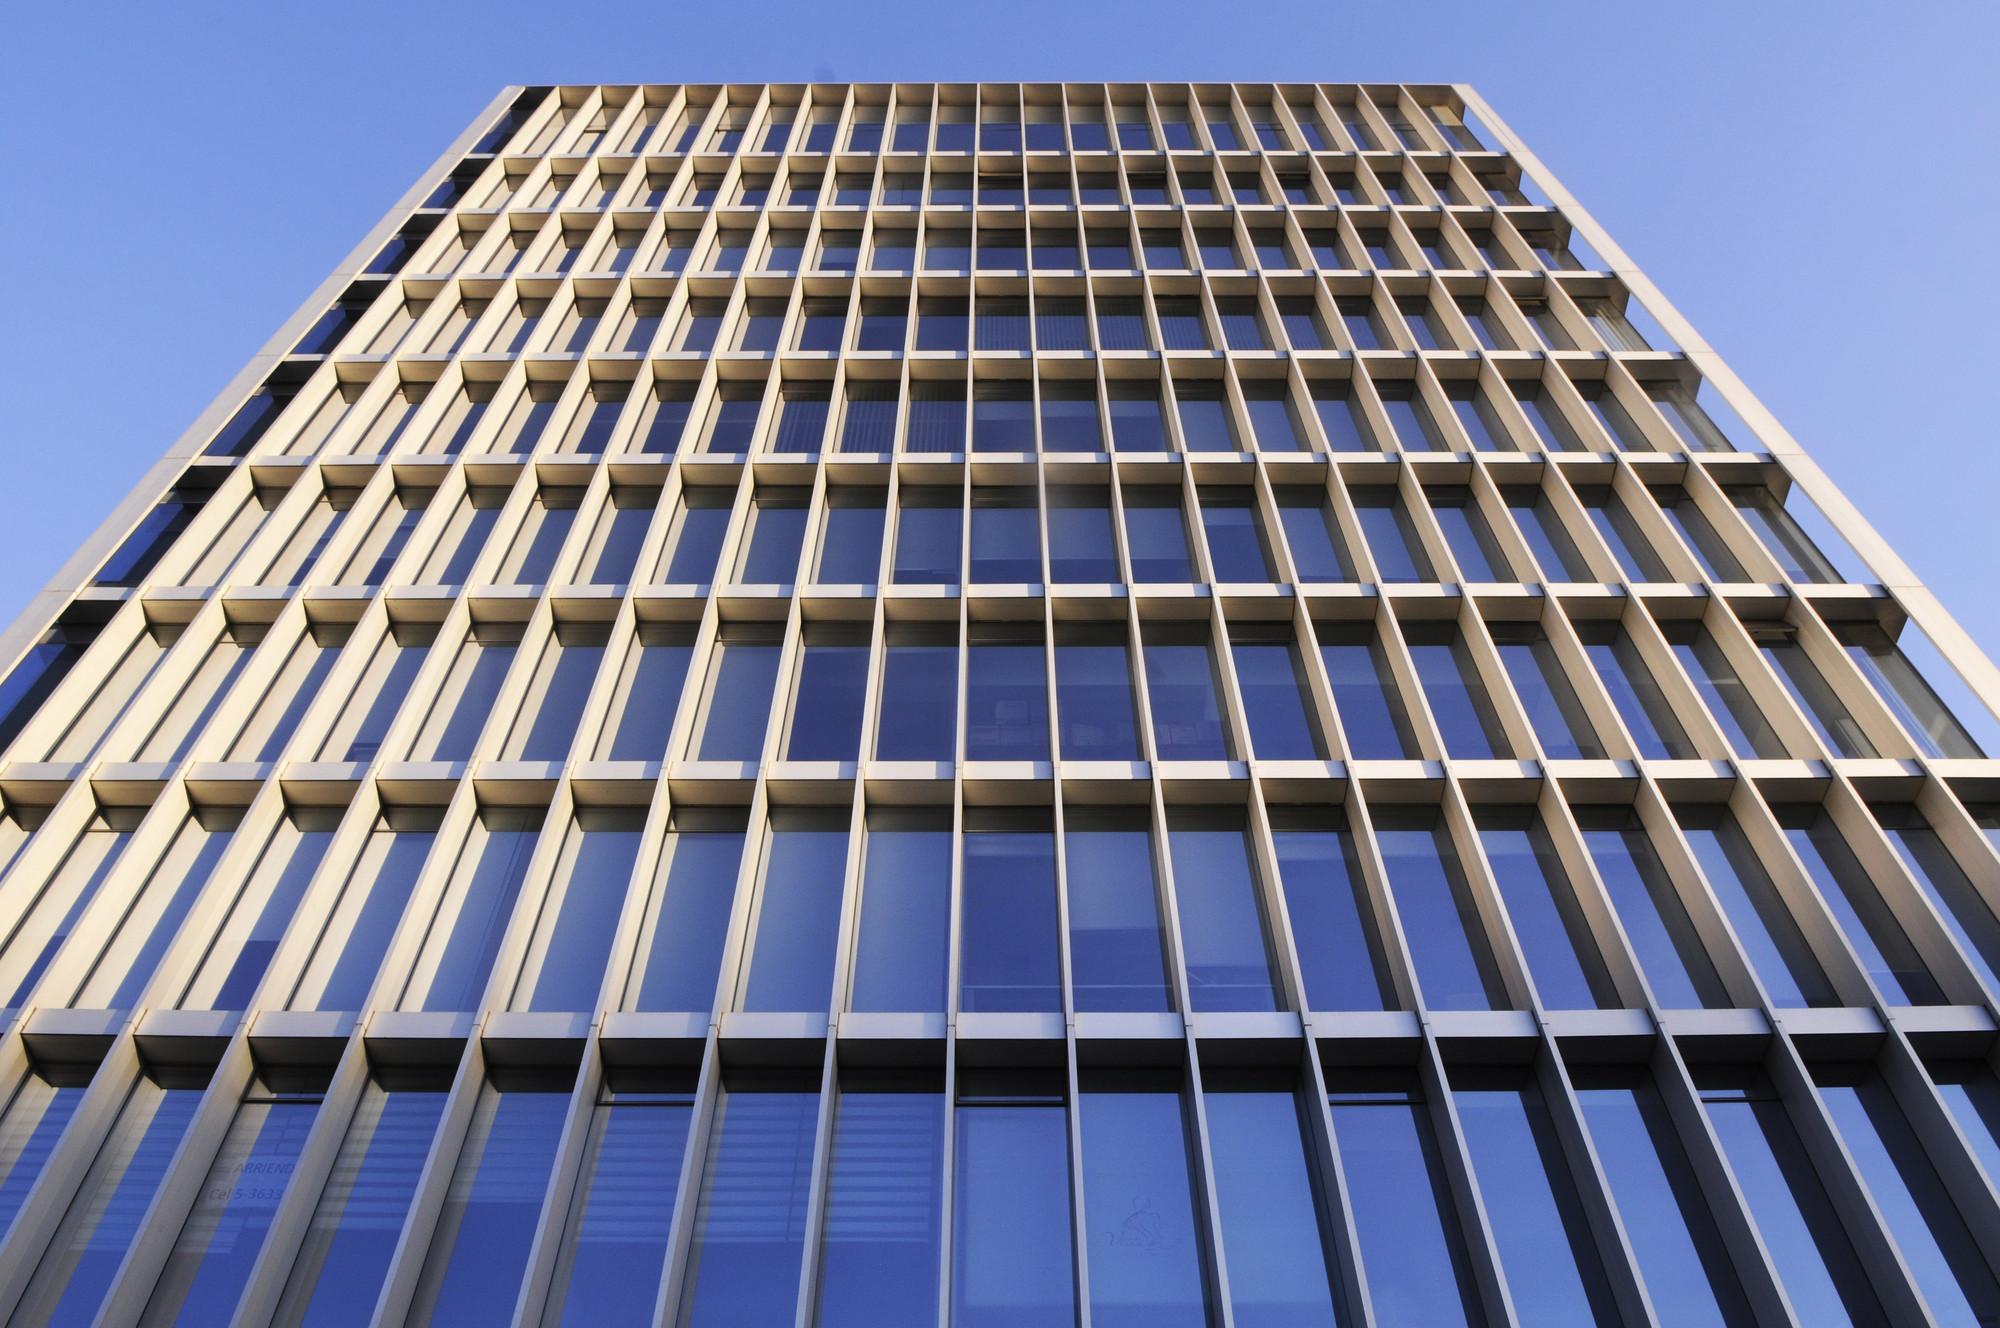 Arquitectura e Ingeniería Estructural: Una sinergia necesaria en el país de mayor sismicidad del mundo, Edificio de Oficinas Lo Fontecilla / + arquitect. Image Courtesy of Bming